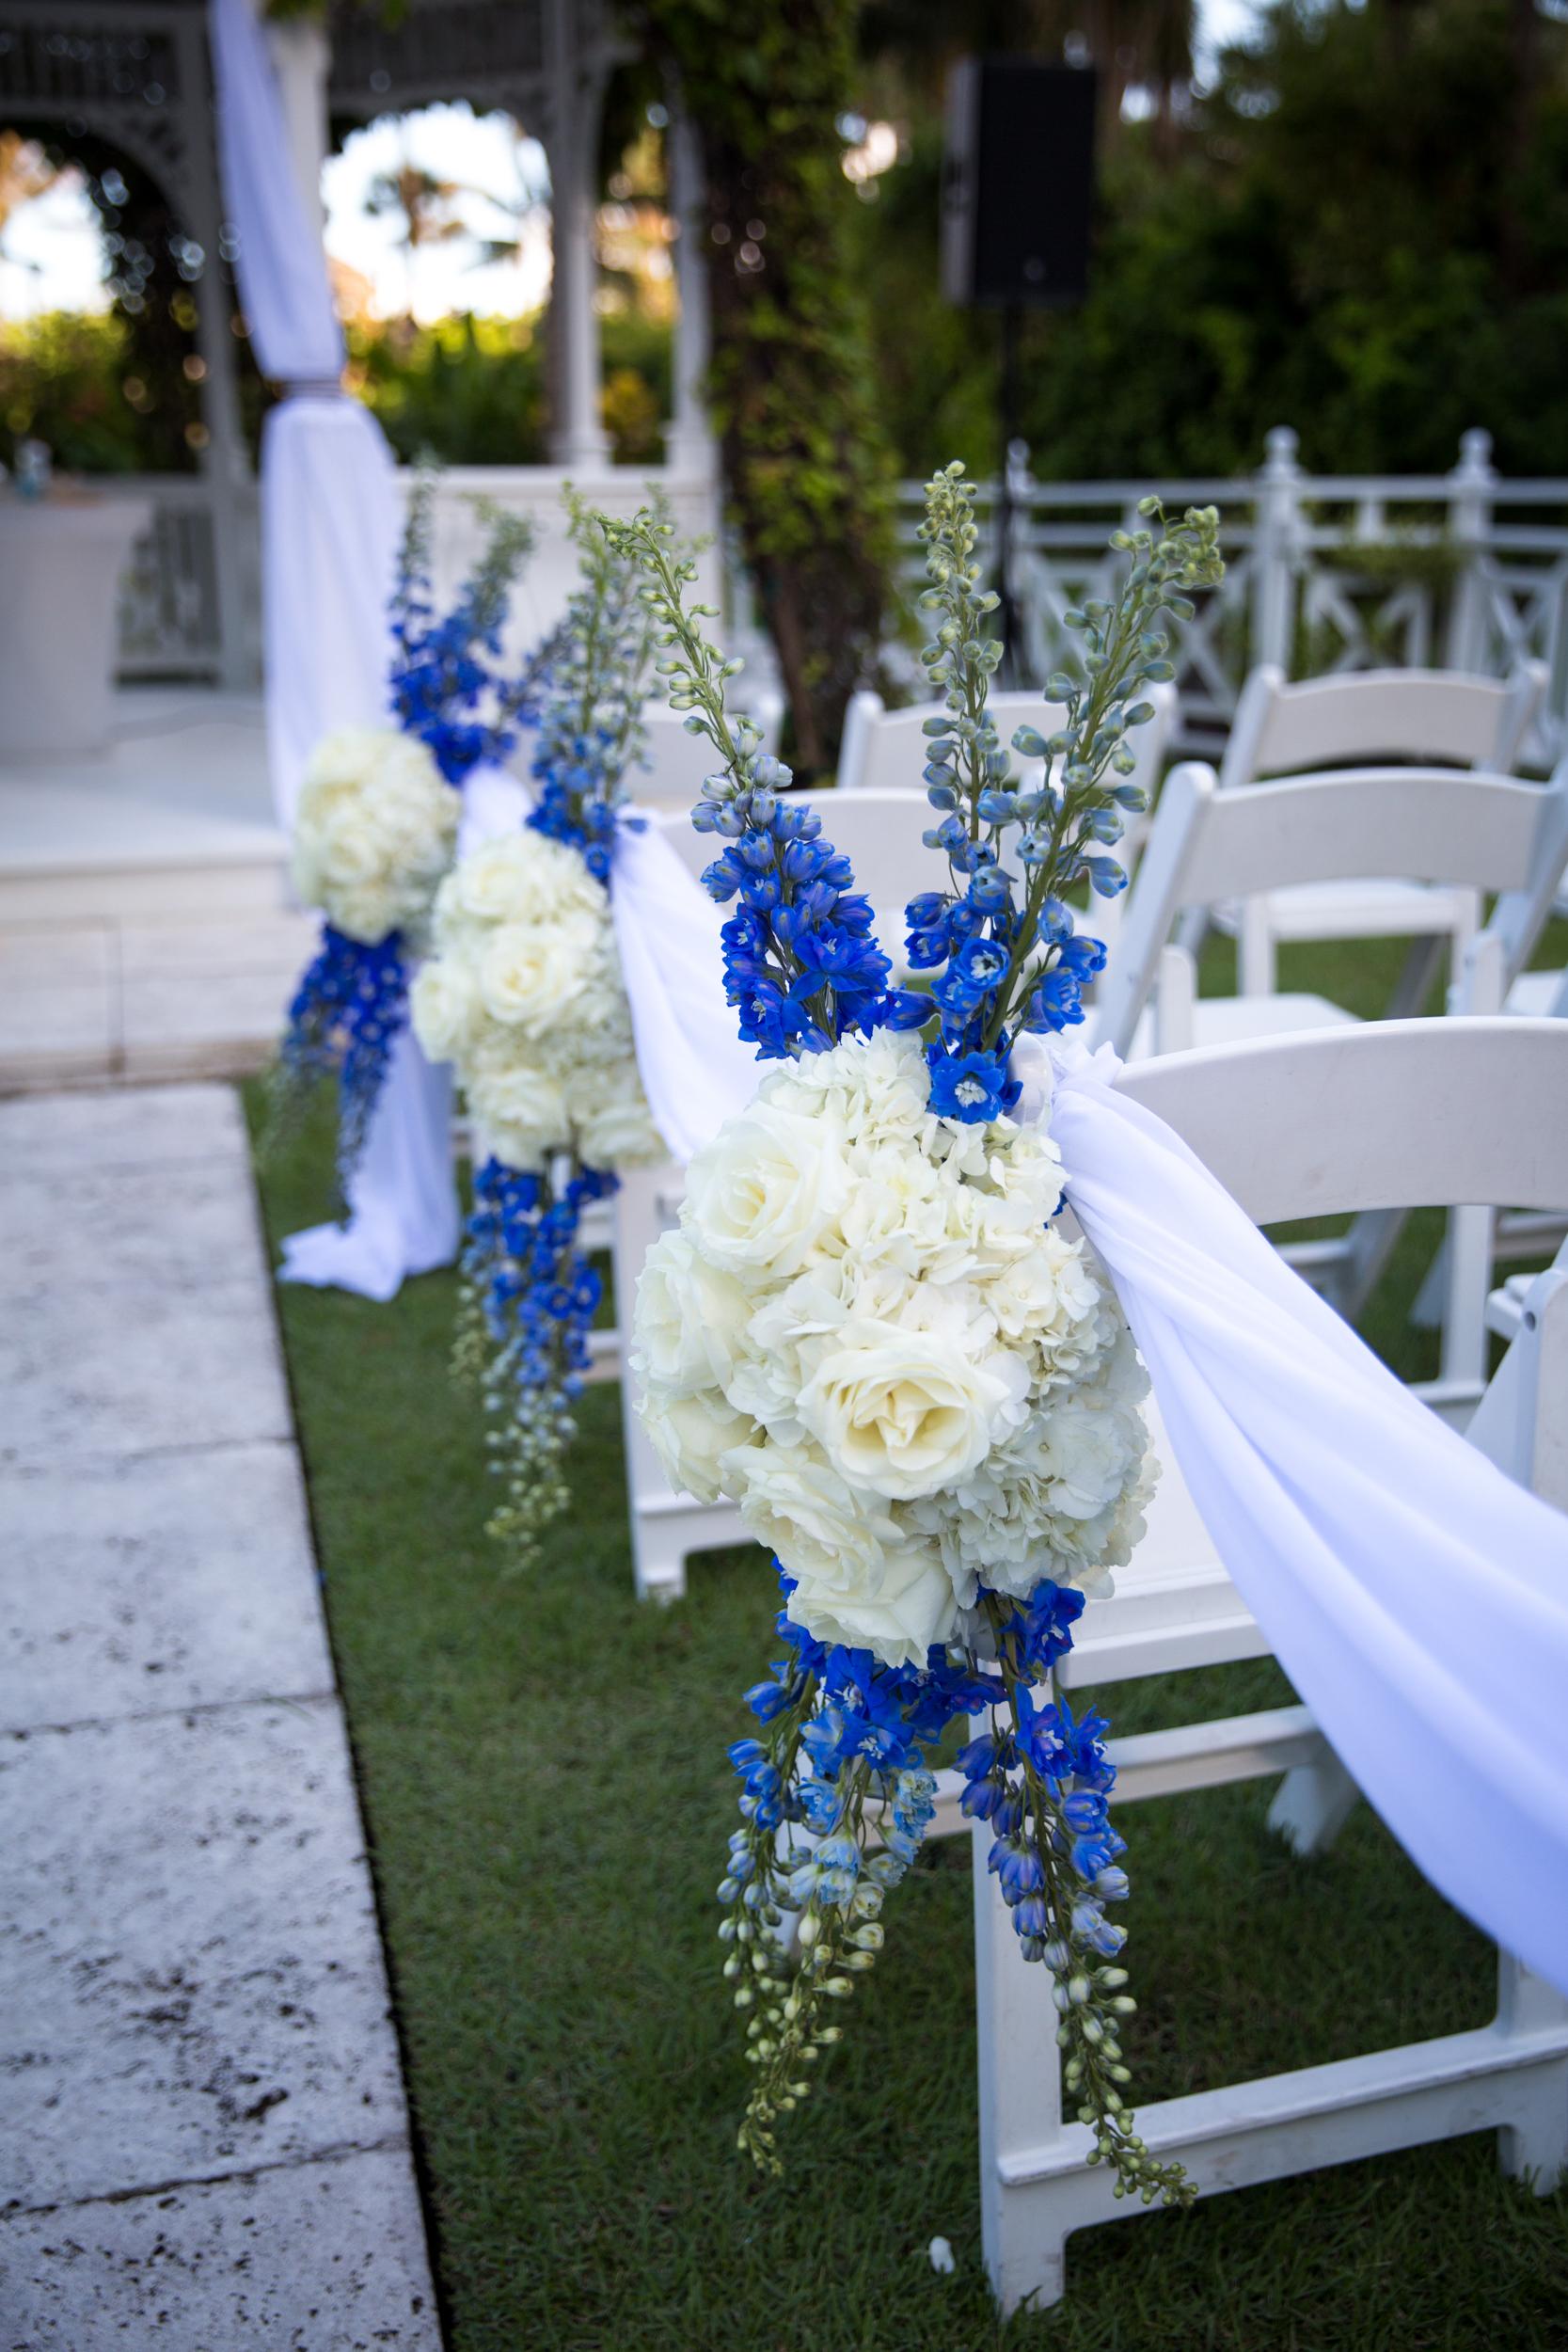 10-14-17_AshleyRichard_Wedding-21.jpg